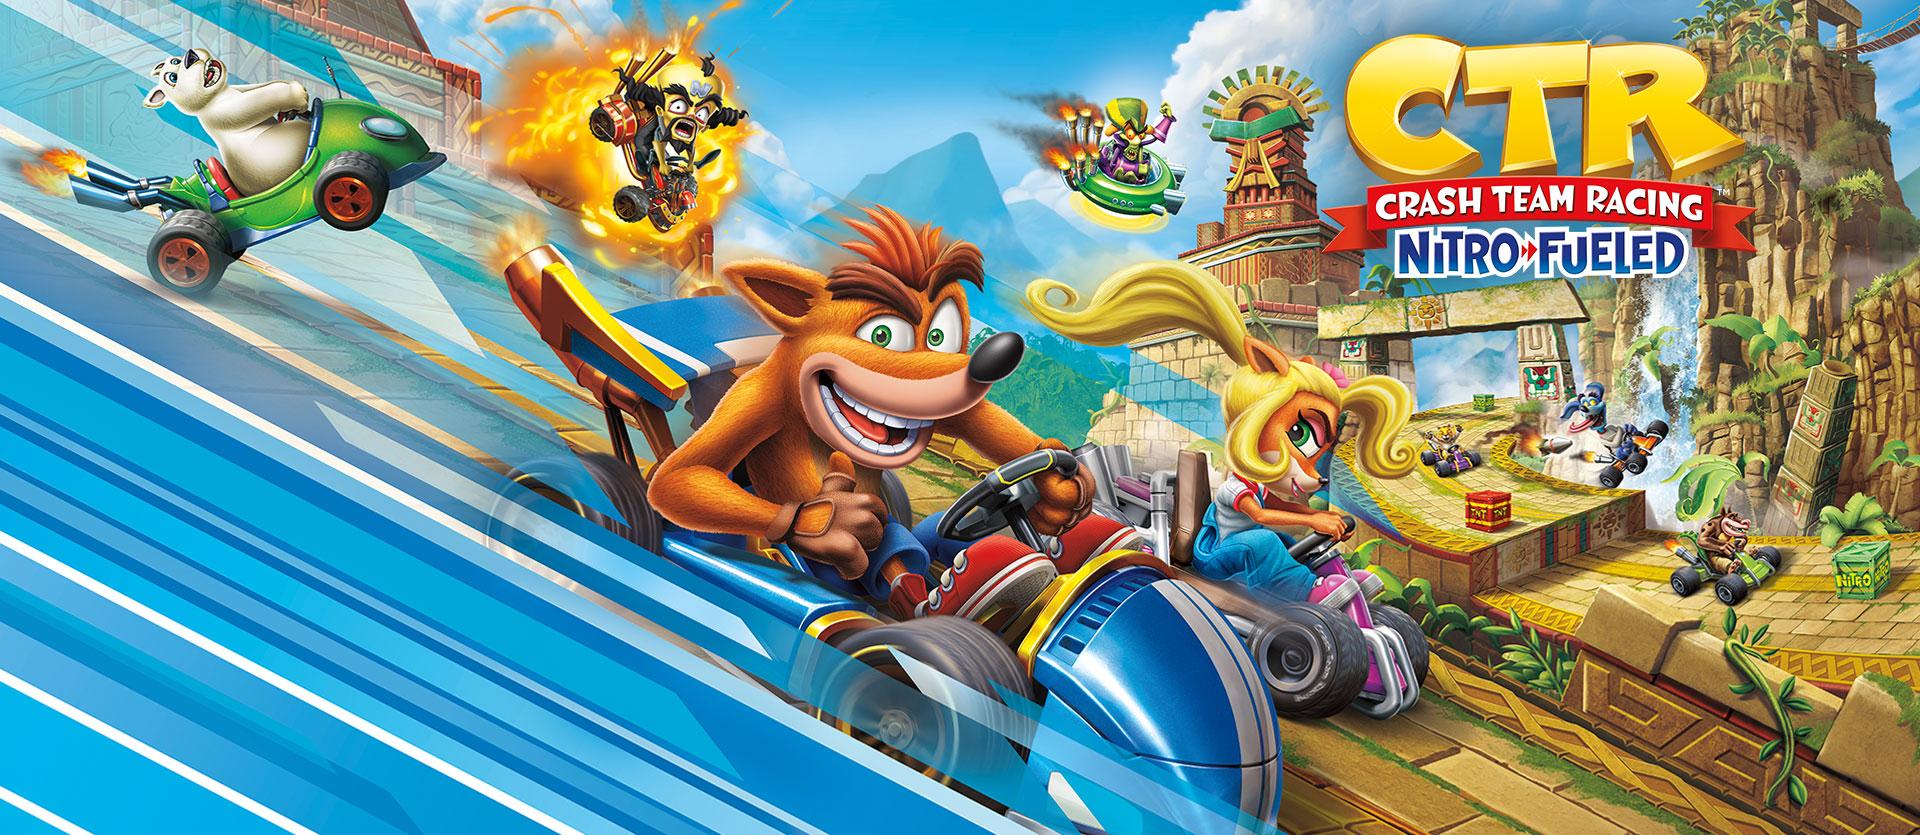 Las tablas de clasificación en línea de Crash Team Racing Nitro-Fueled proporcionan un número mínimo de jugadores por plataforma - El Arcadia